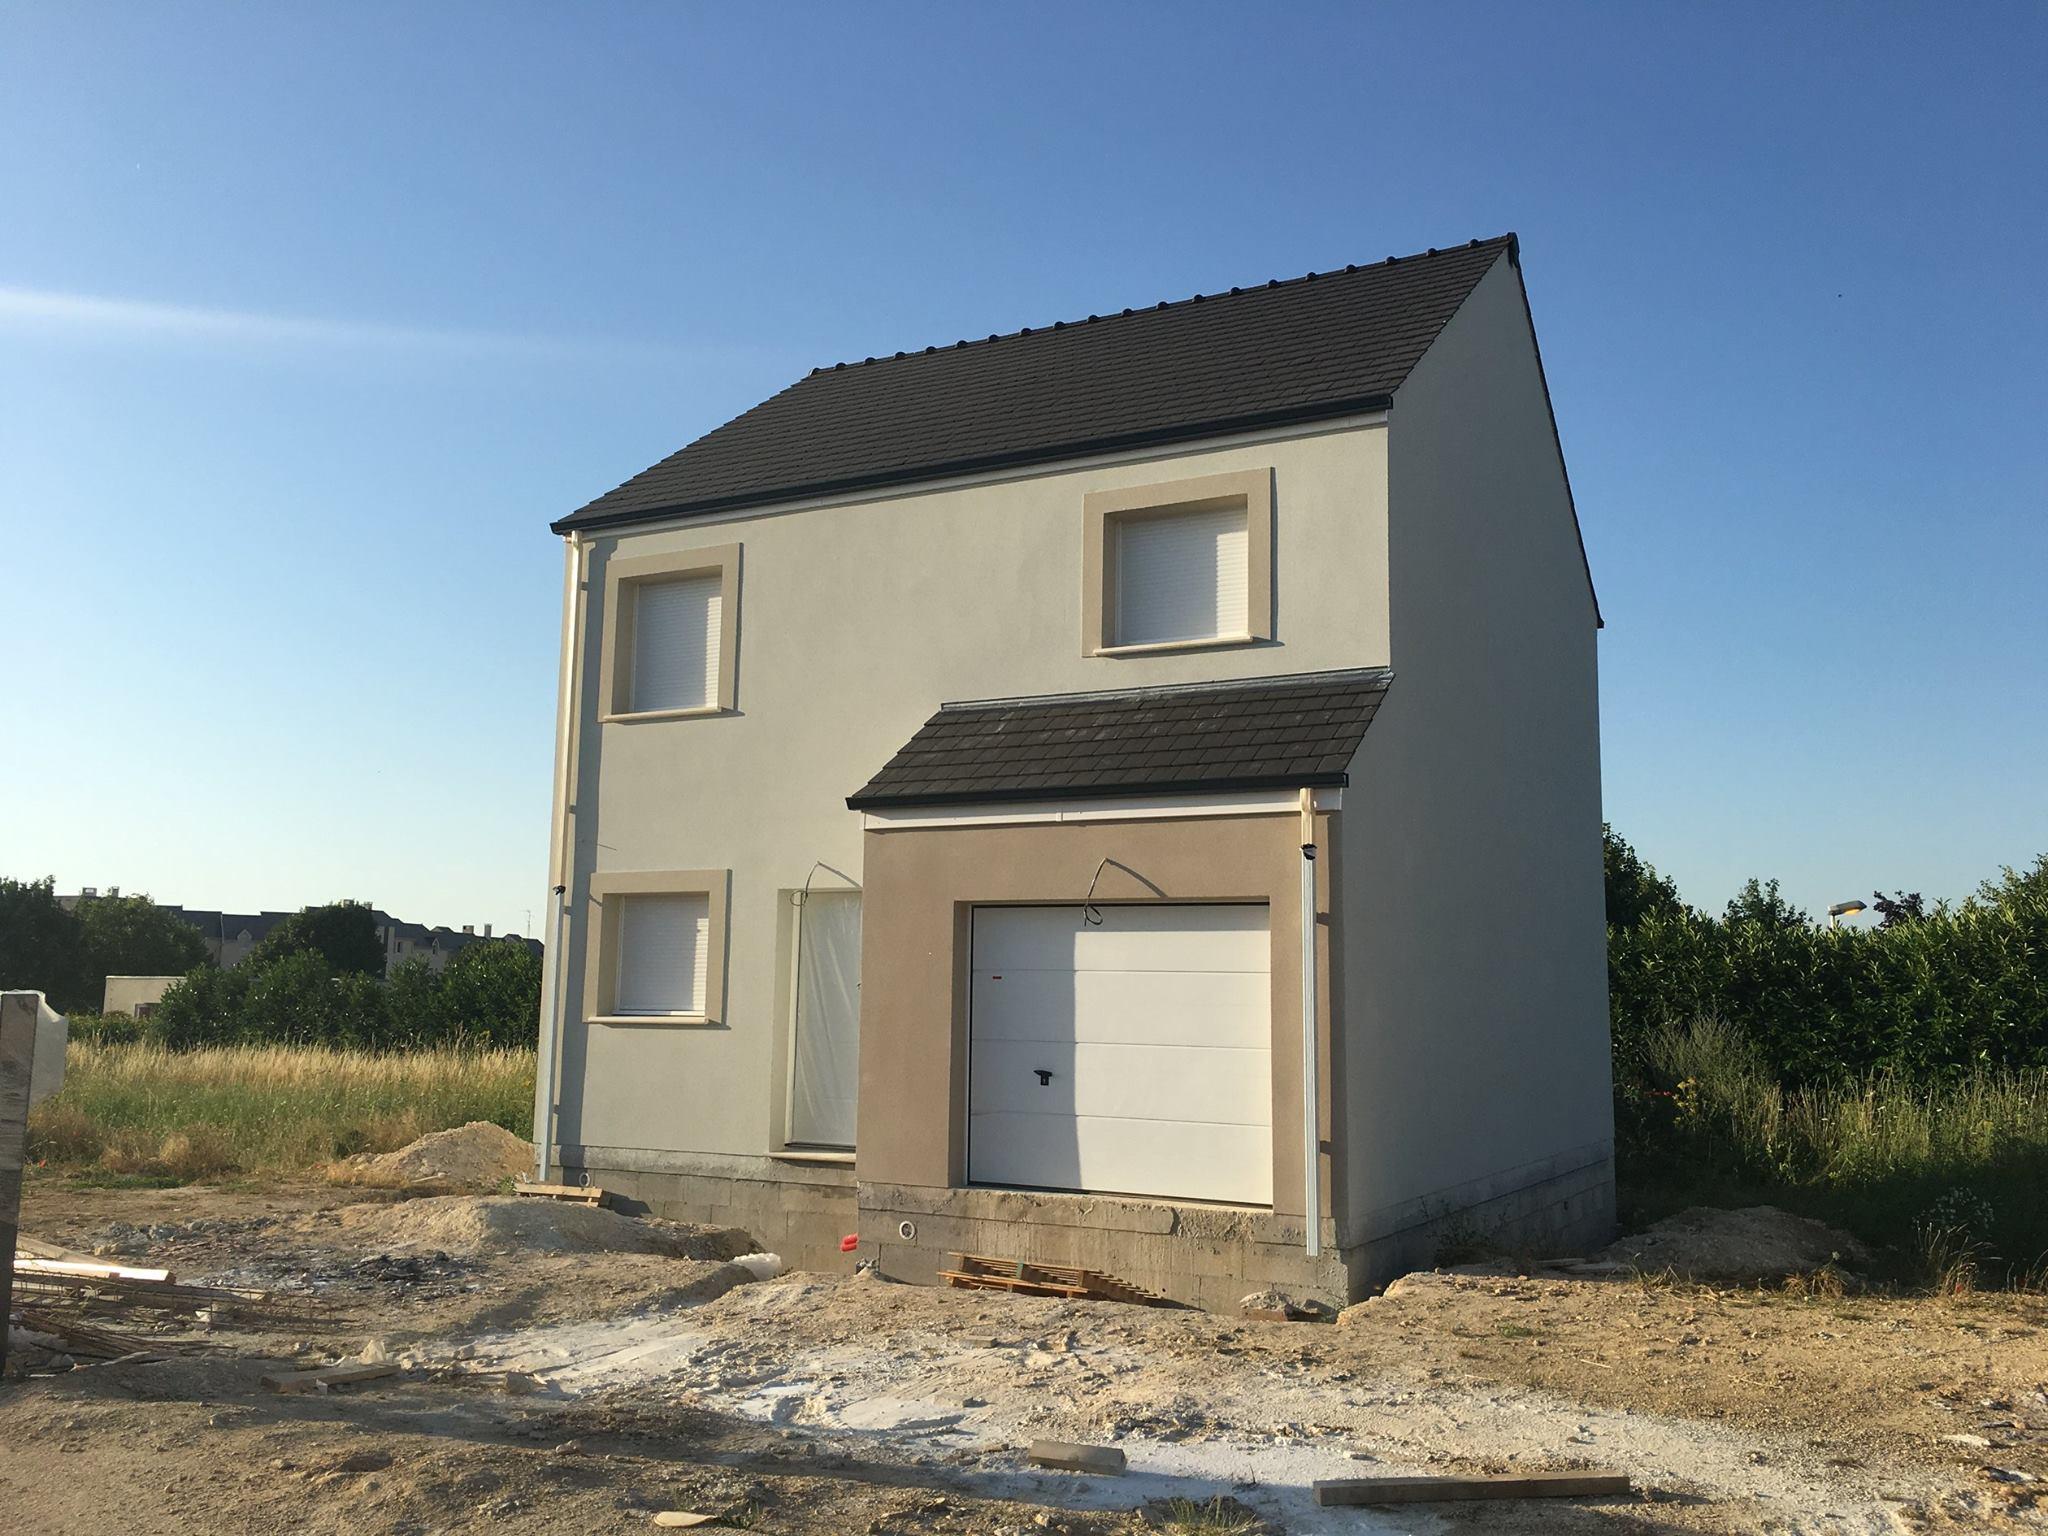 Maison + terrain à LA FERTE-SOUS-JOUARRE (77260) dans la SEINE-ET-MARNE